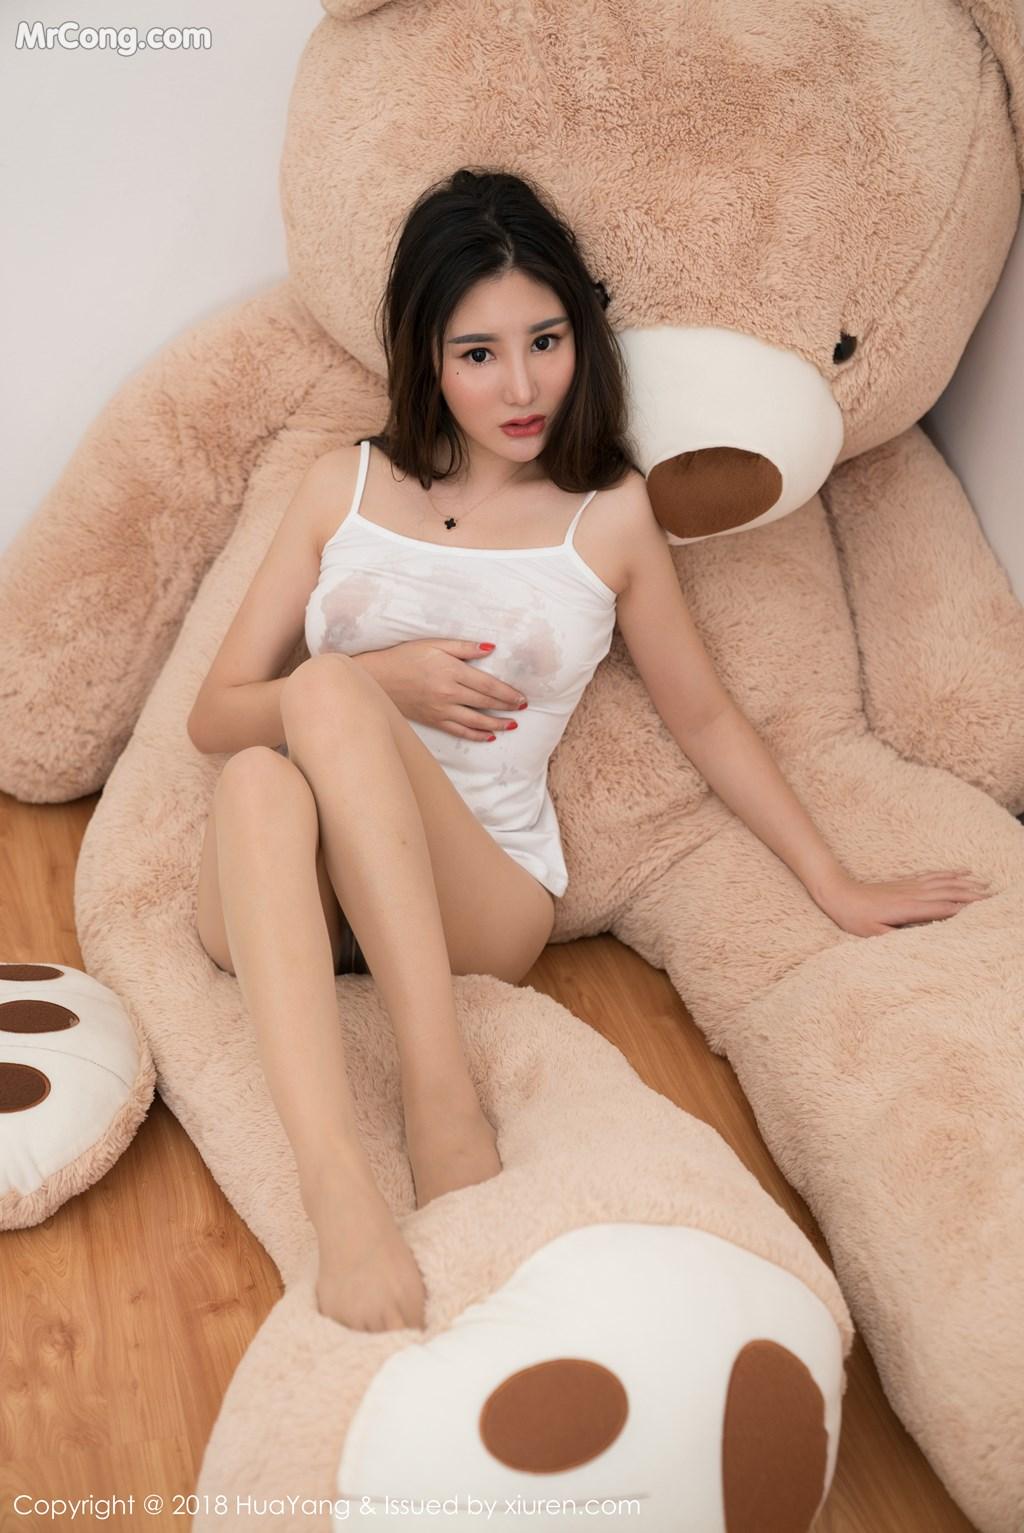 Image HuaYang-2018-03-02-Vol.034-Xiao-Tian-Xin-Candy-MrCong.com-027 in post HuaYang 2018-03-02 Vol.034: Người mẫu Xiao Tian Xin (小甜心Candy) (41 ảnh)